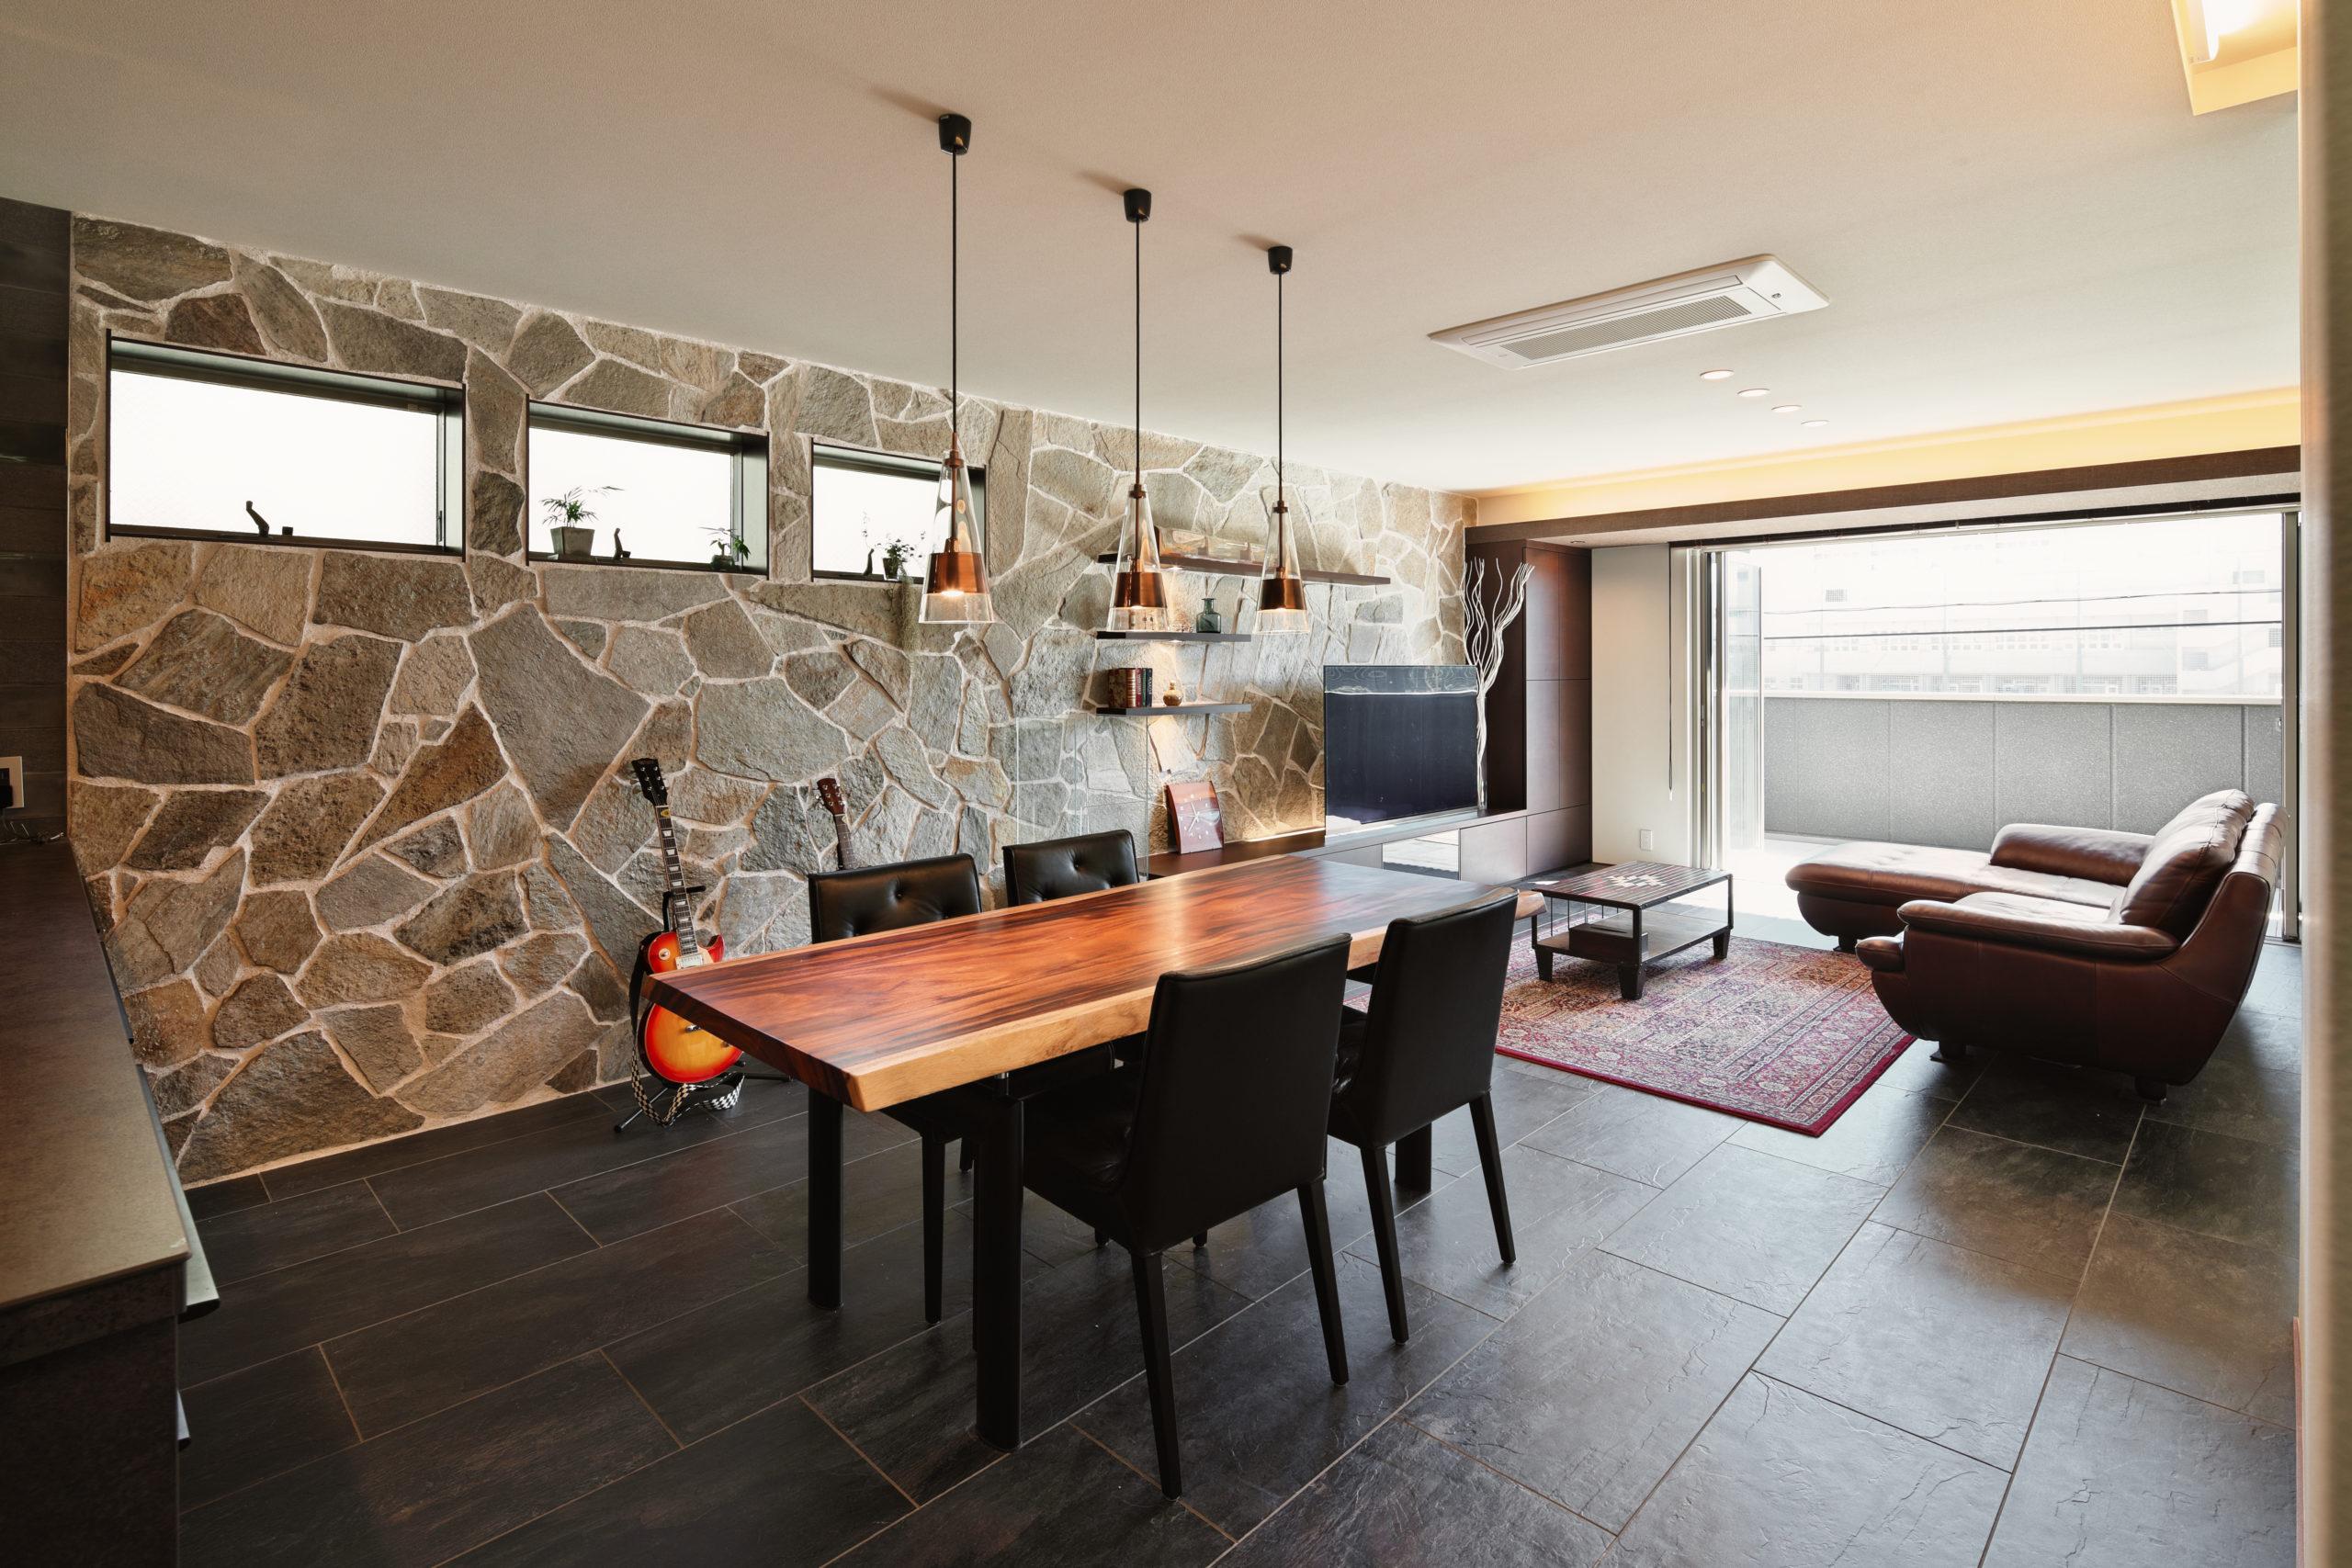 ダイナミックな壁面の天然石は、あえてサイズや形をそろえないデザインとしました